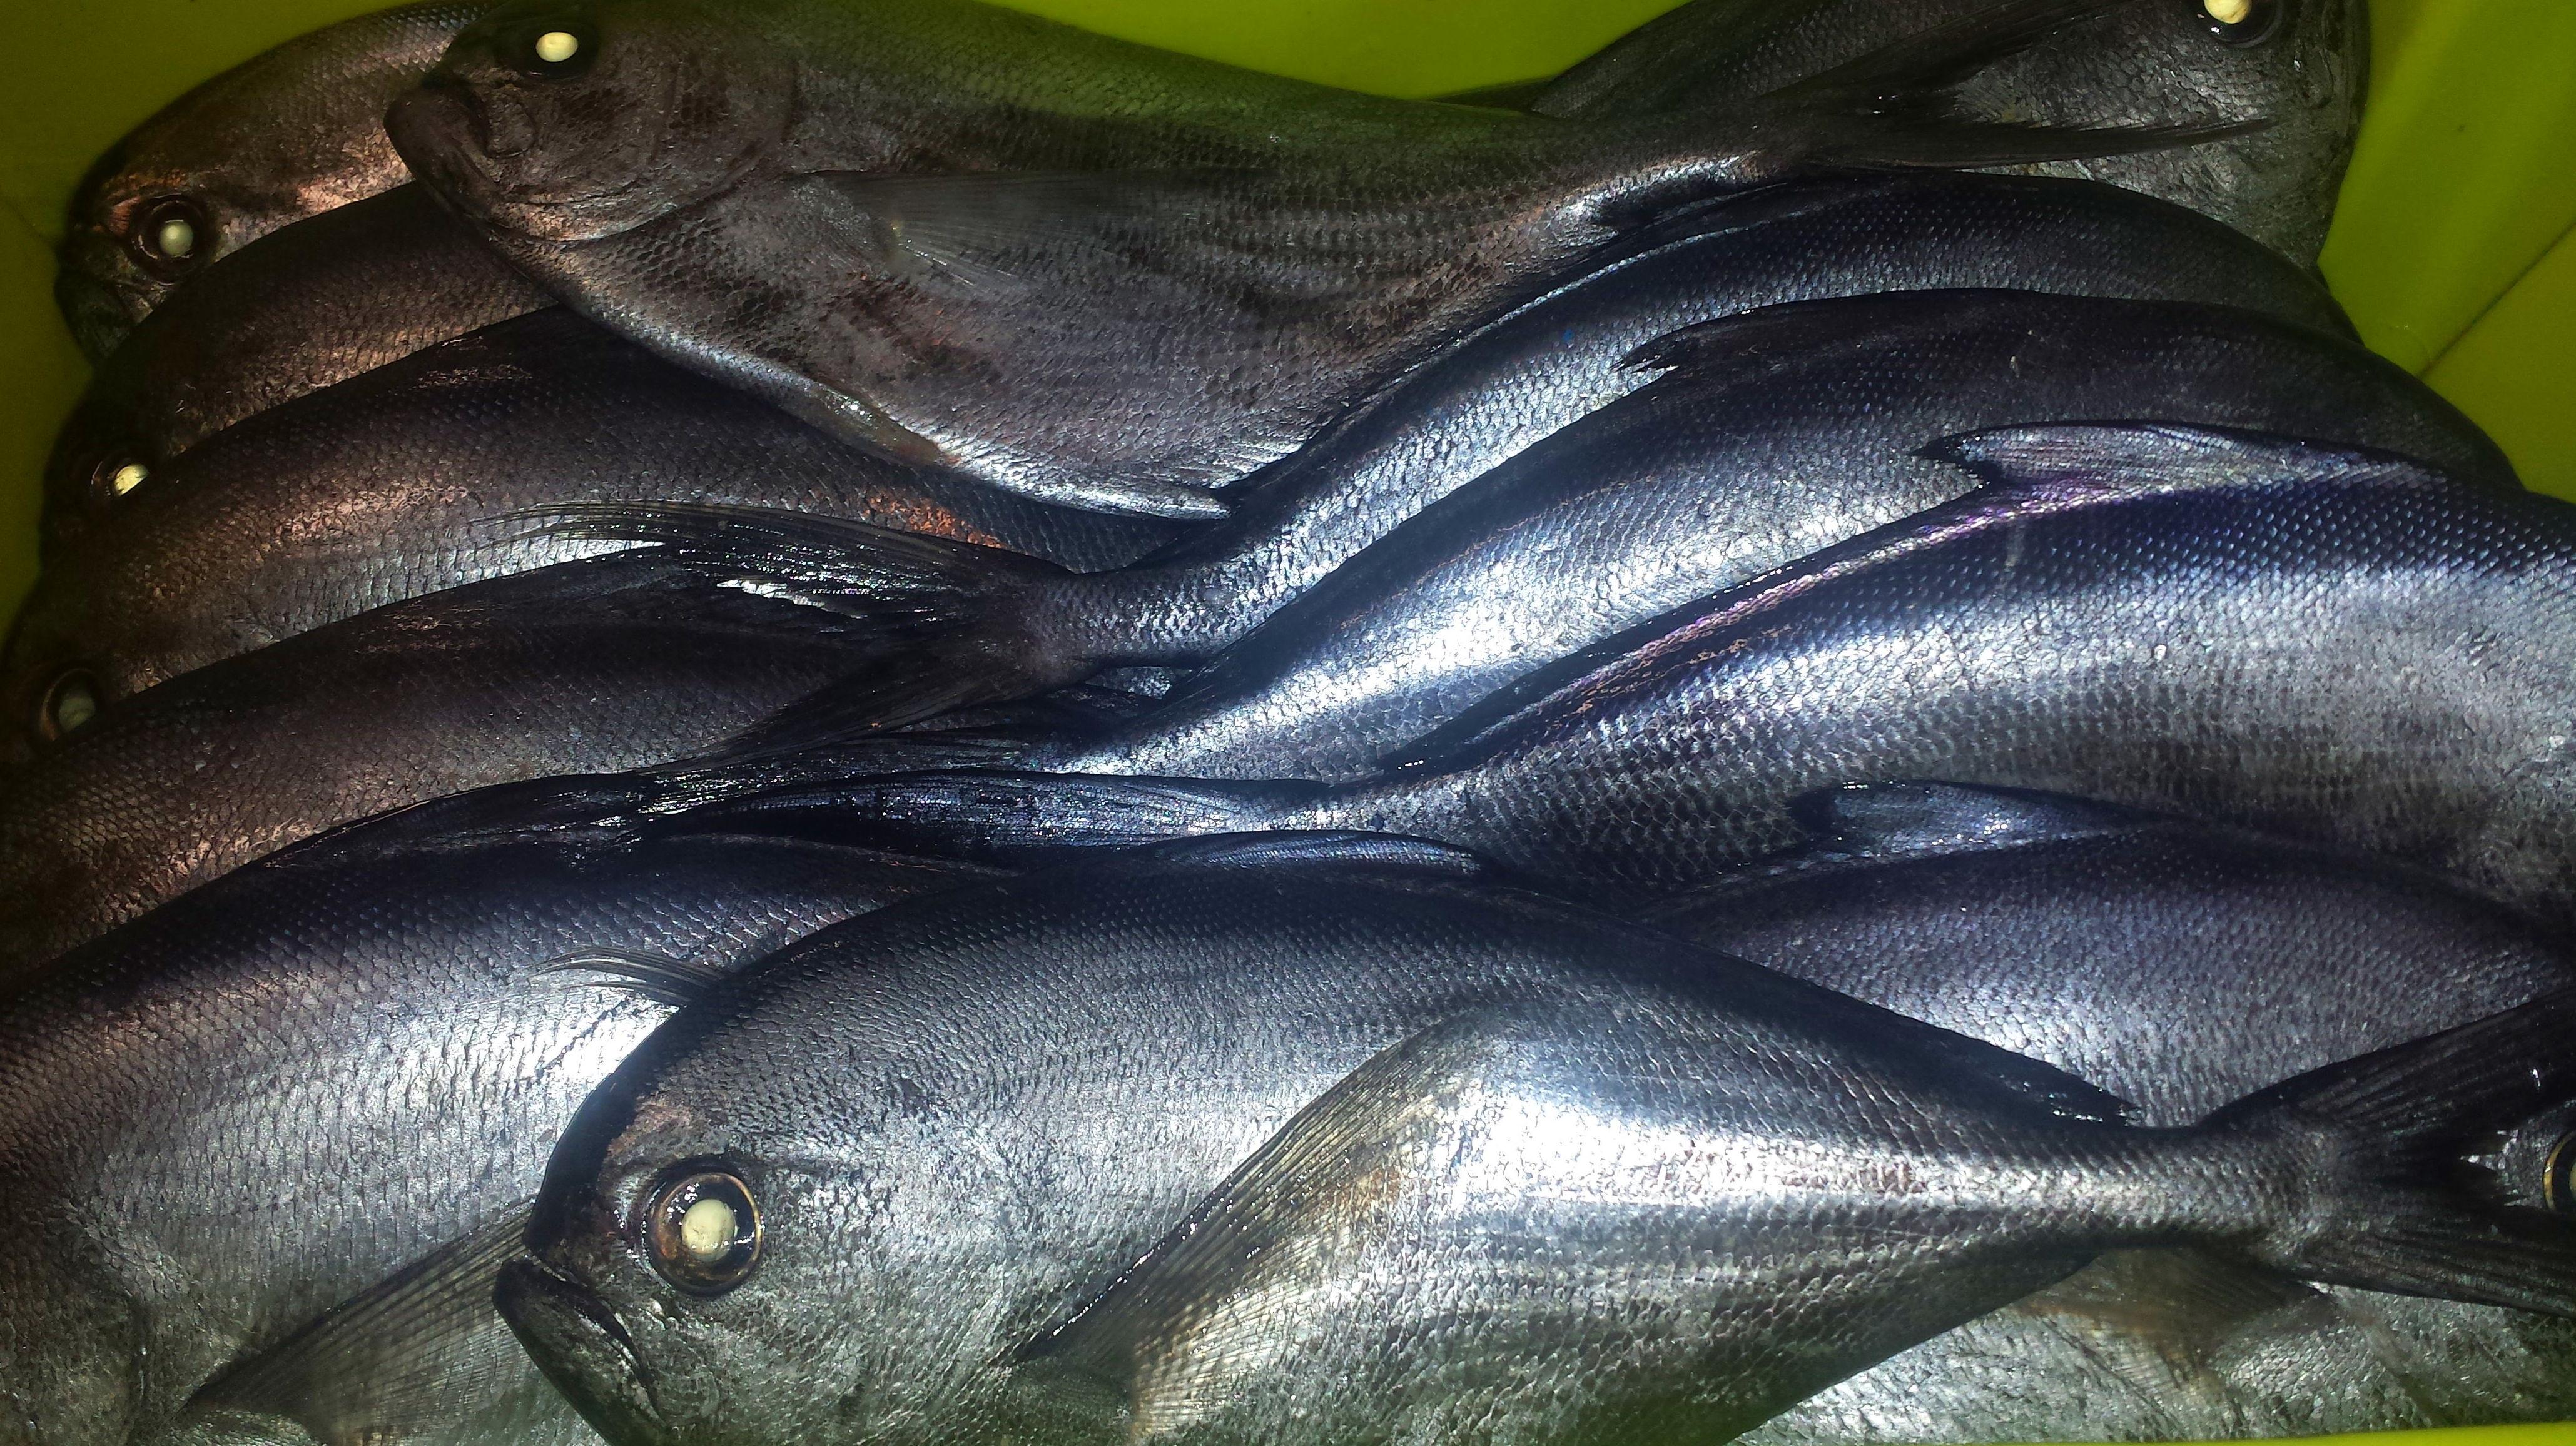 Foto 53 de Venta y distribución de pescados y mariscos del Cantábrico en Gijón | Pescastur